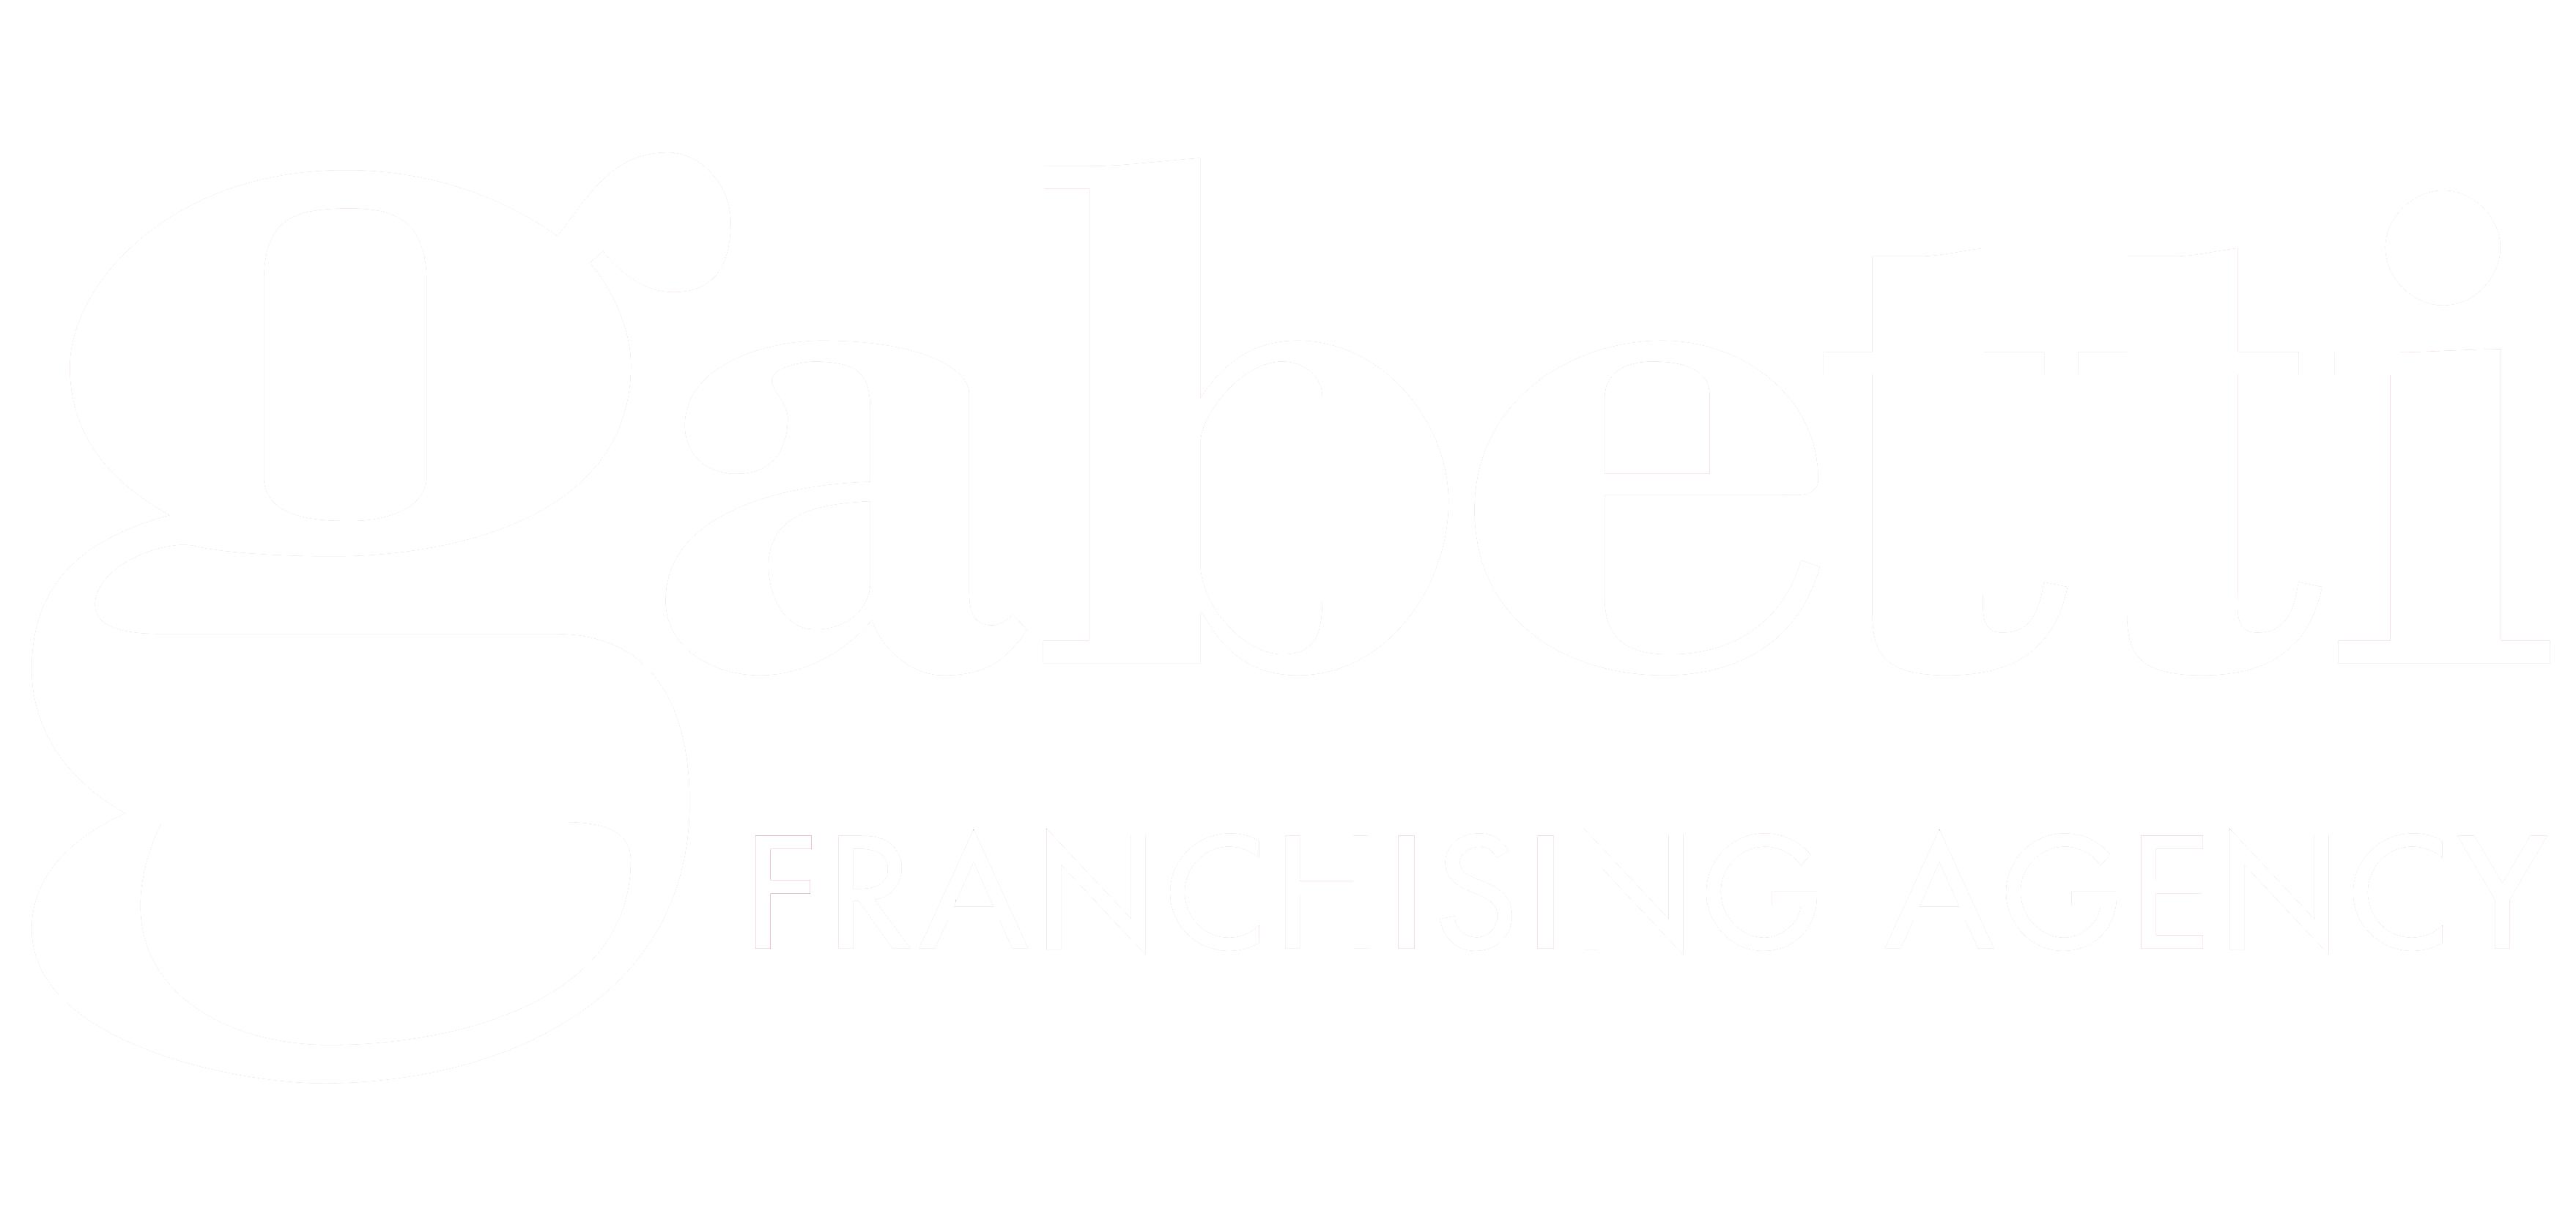 logo gabetti white